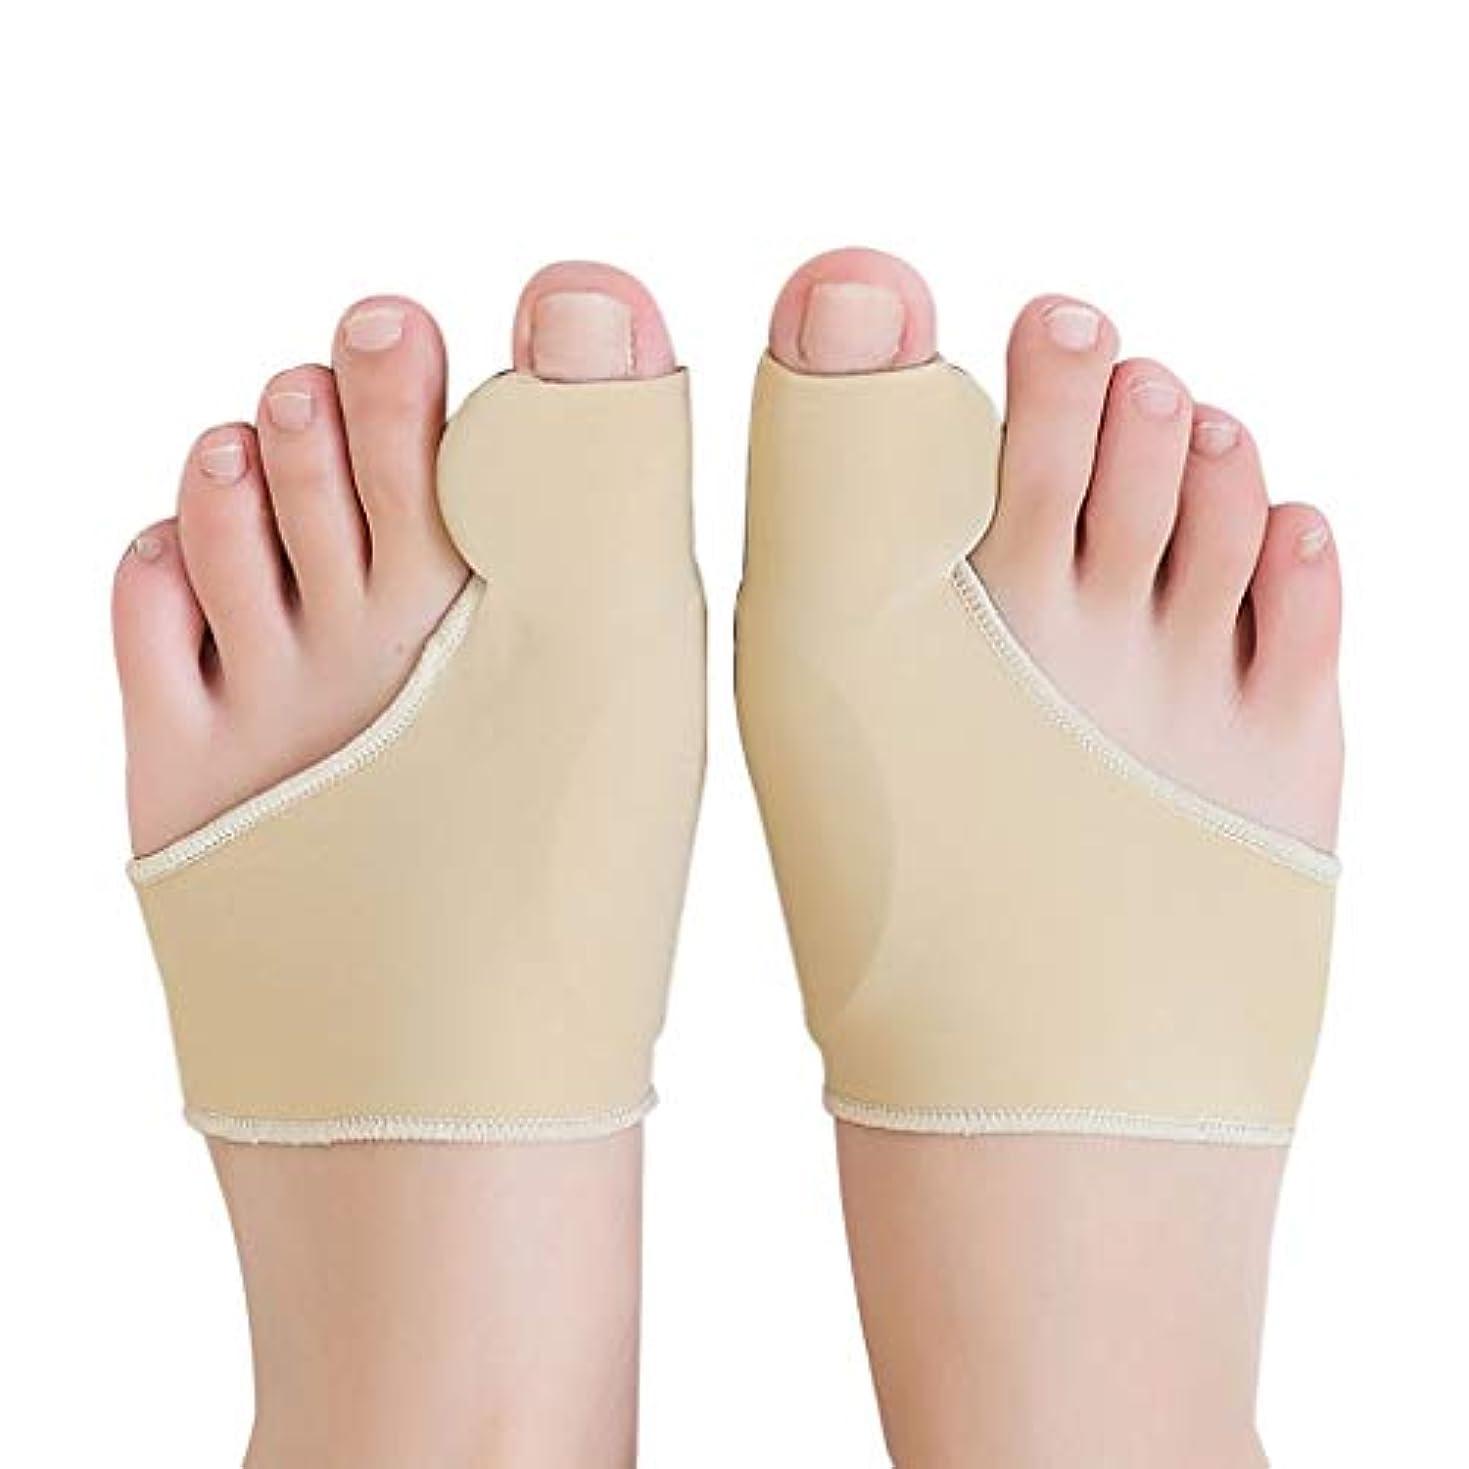 どうやらピックトランザクション女性の大きな足のつま先のケアシリコーンは大きな親指反転カバーで着用 窓の外の小雨